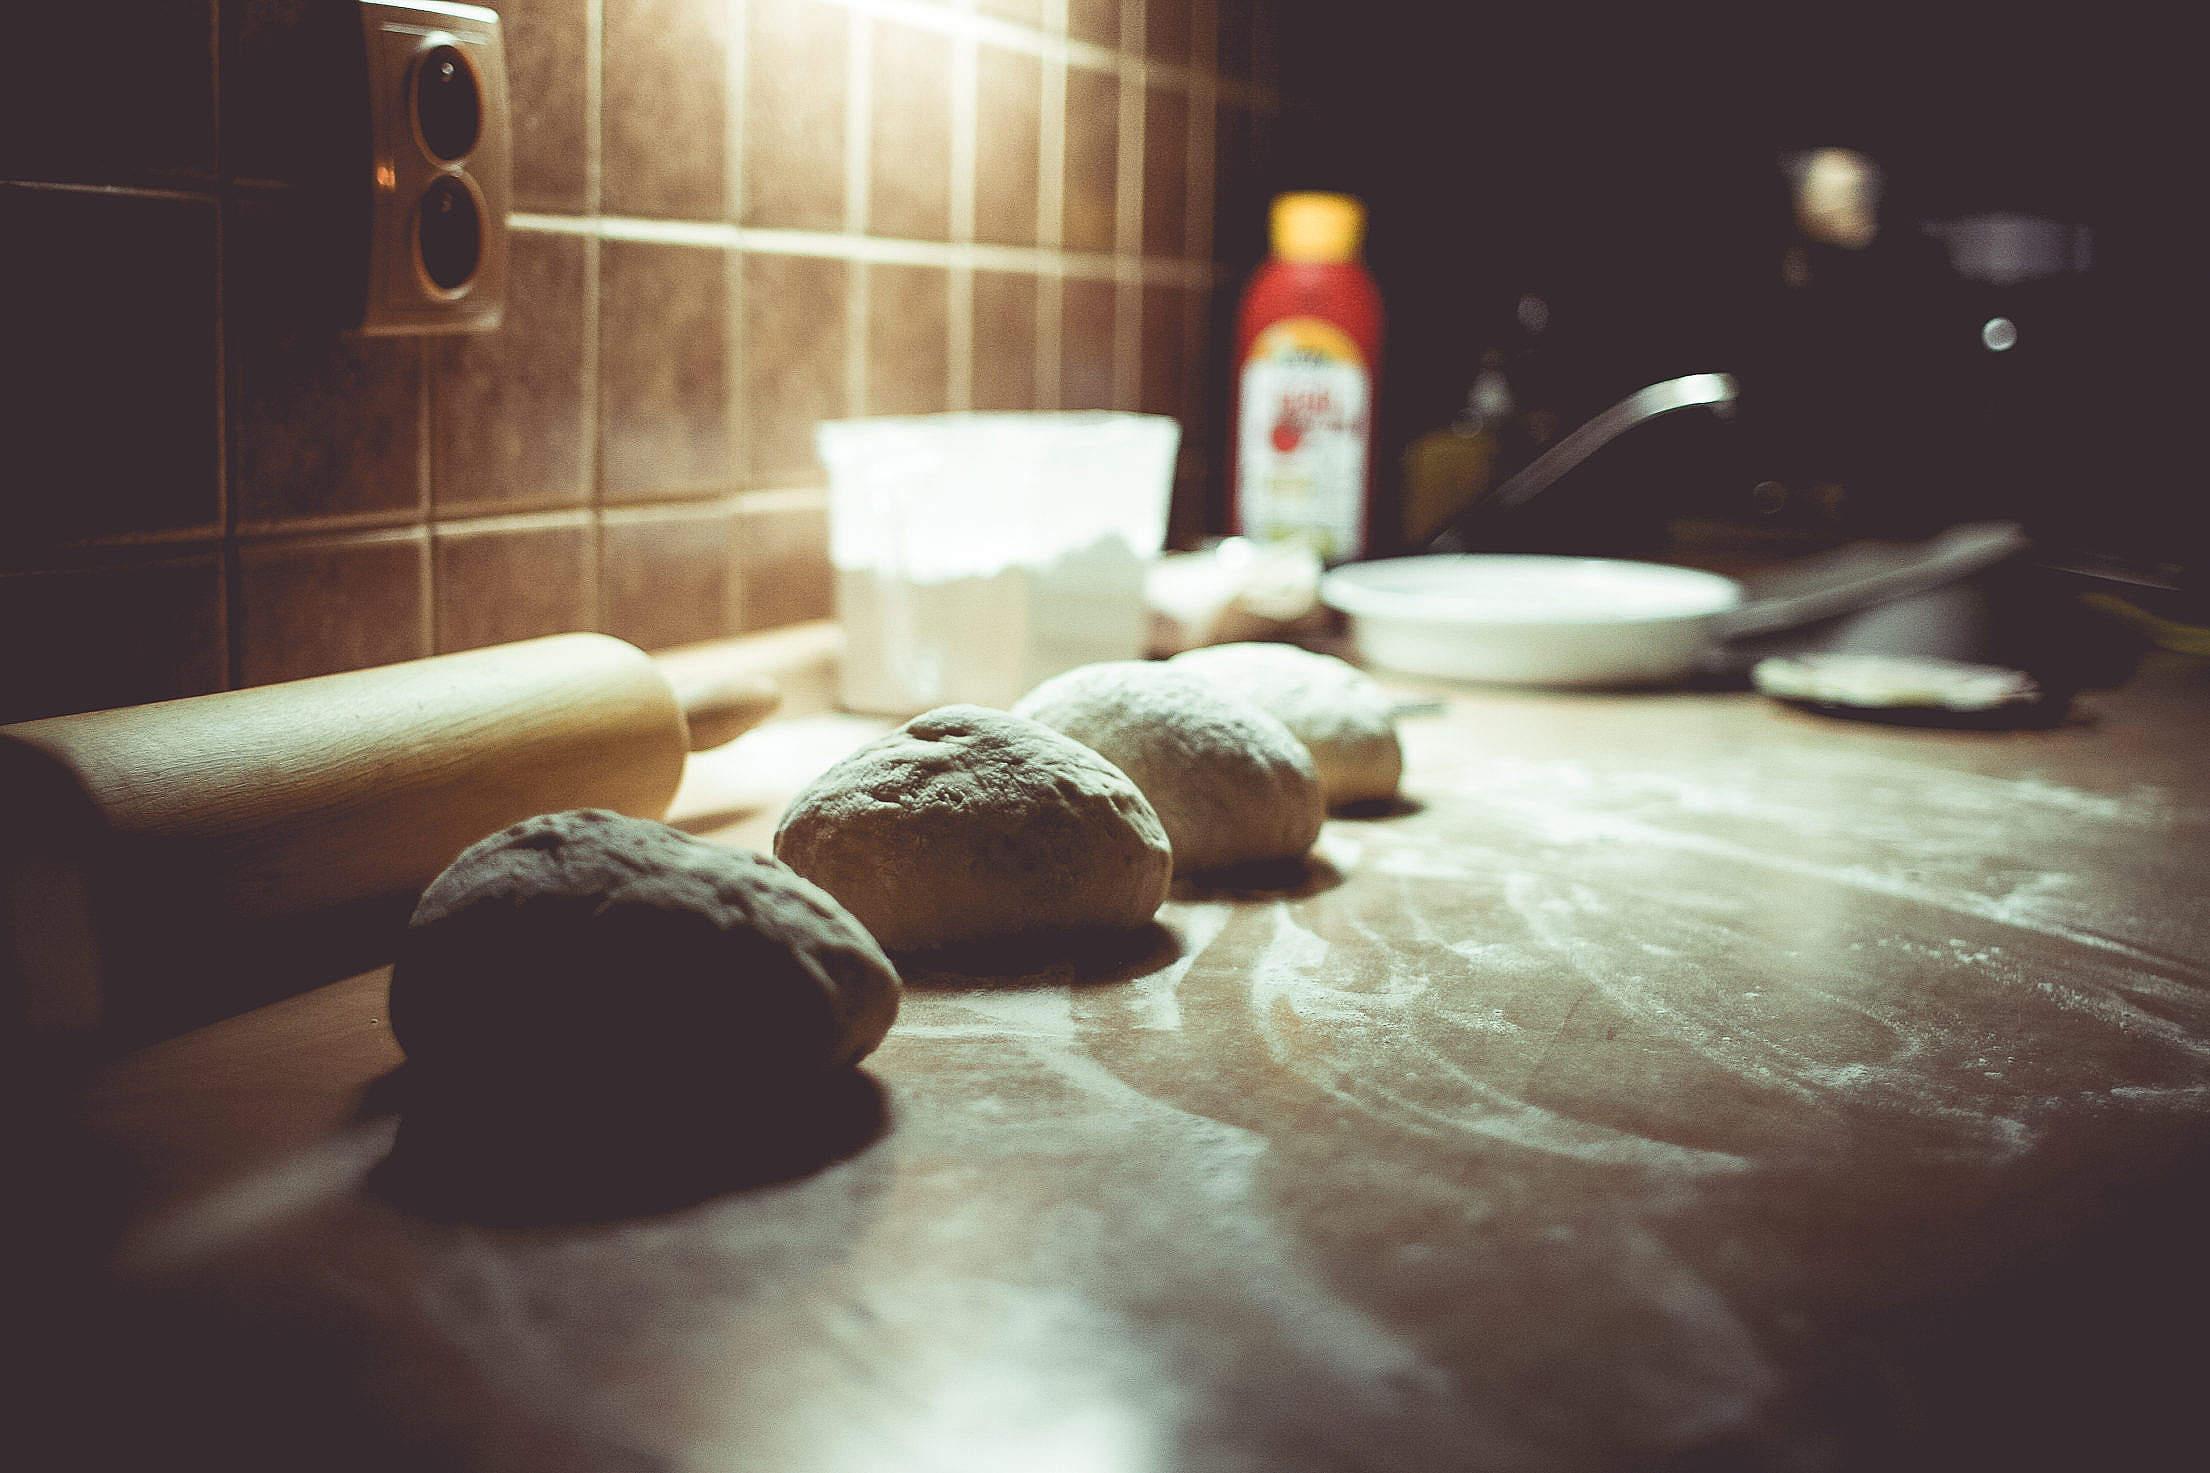 Ready to Baking Free Stock Photo